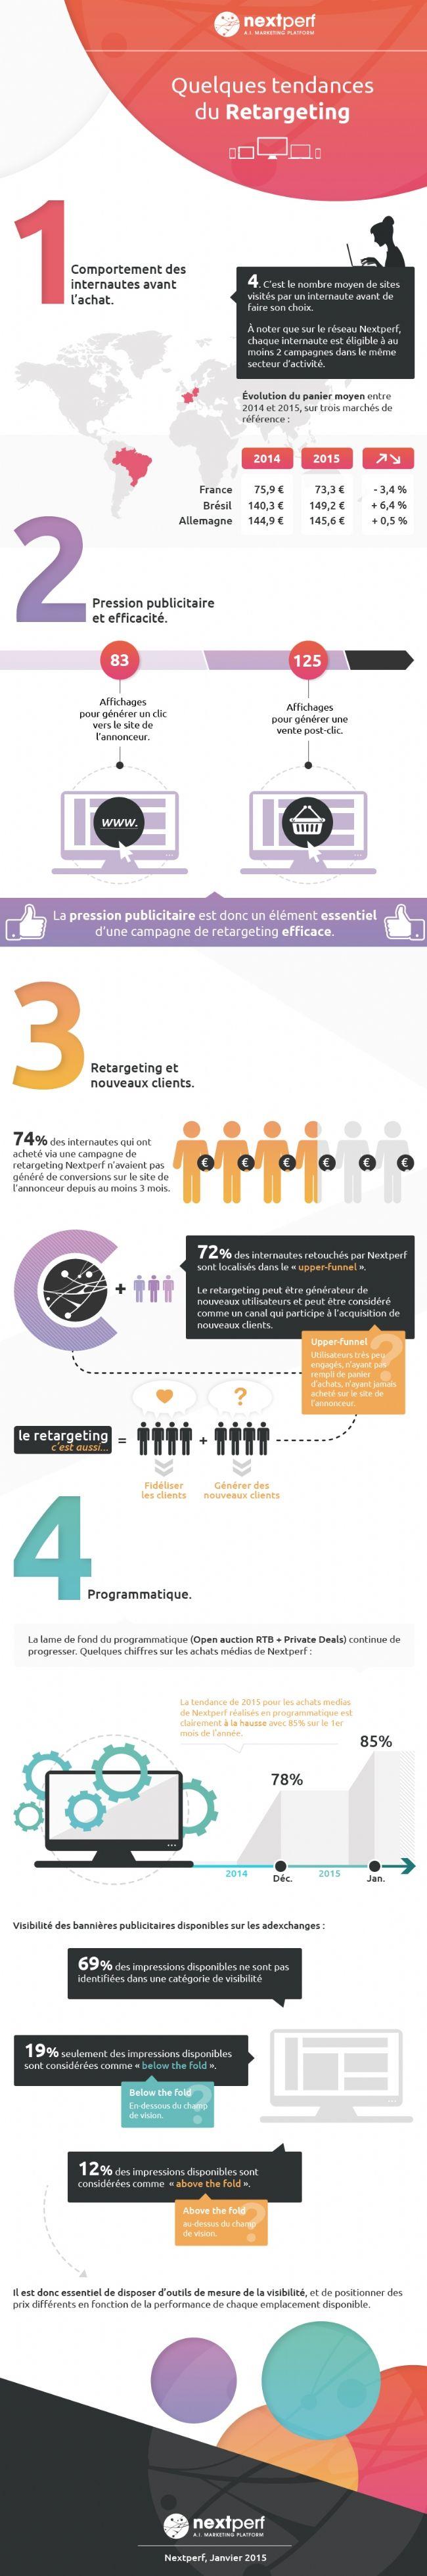 Nextperf, plateforme spécialiste du marketing à la performance, présente les grandes tendances du retargeting. Il en ressort notamment que cette pratique participe à l'acquisition, puis à la fidélisation des clients.